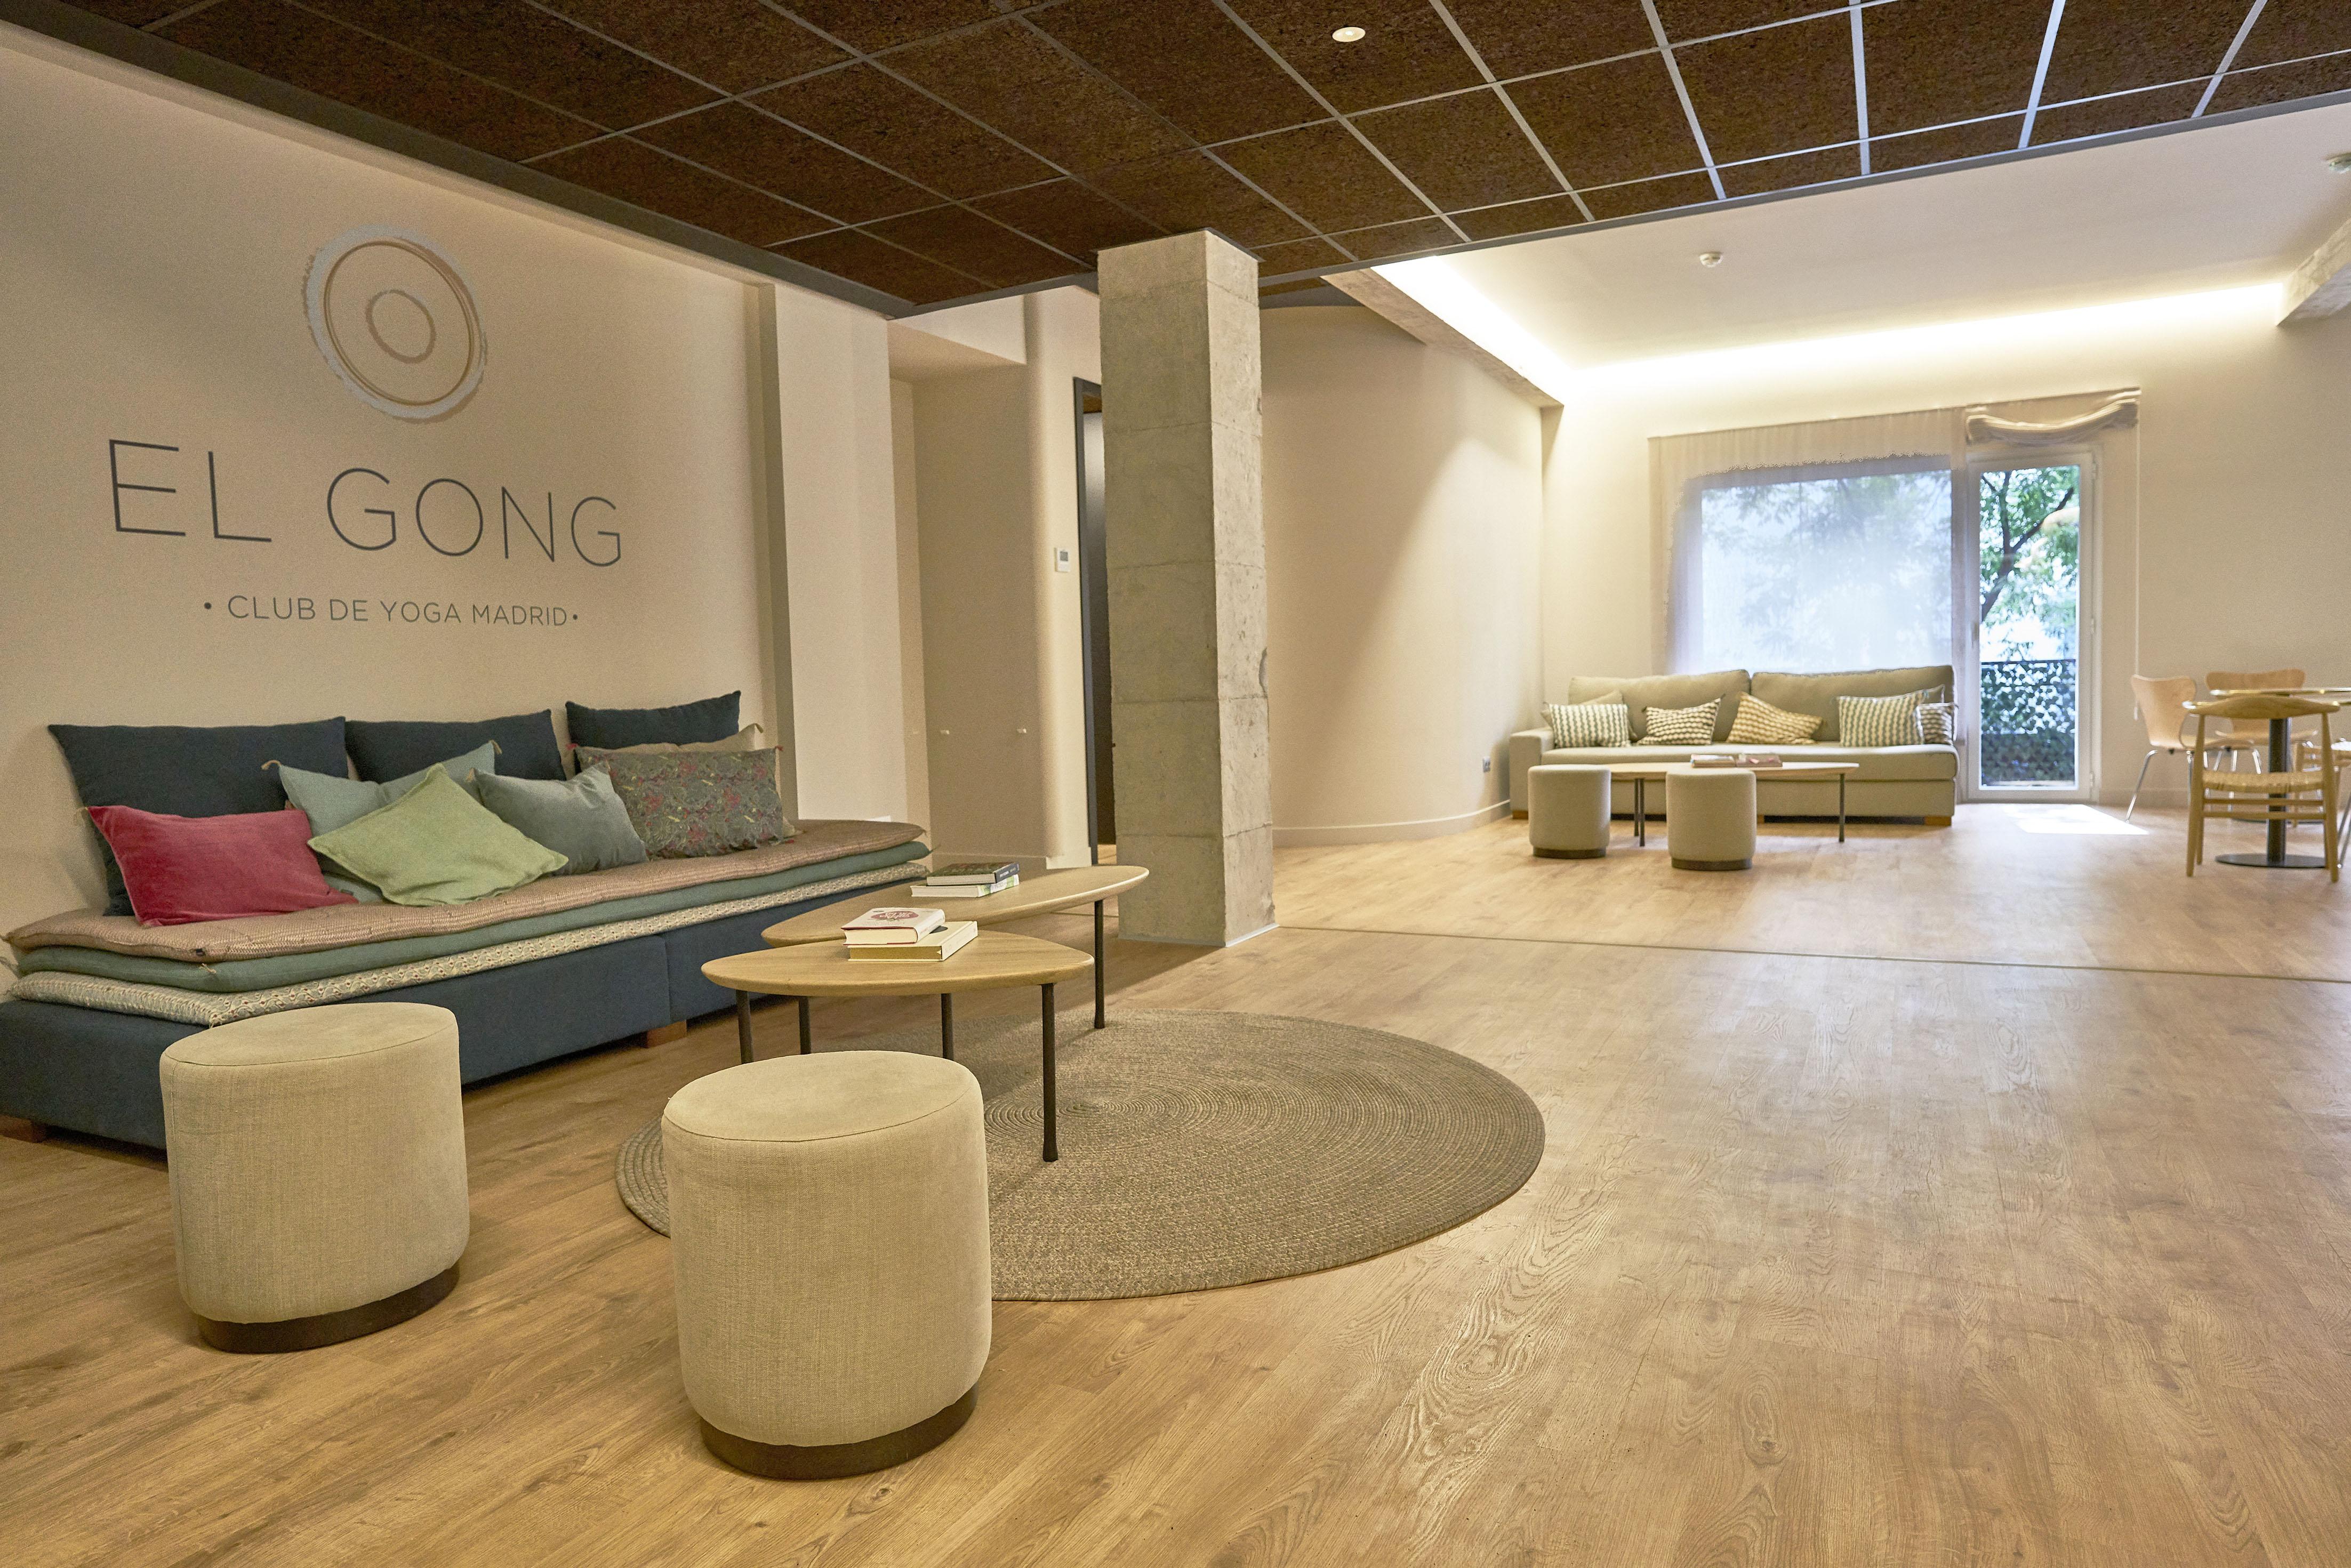 El Gong 1